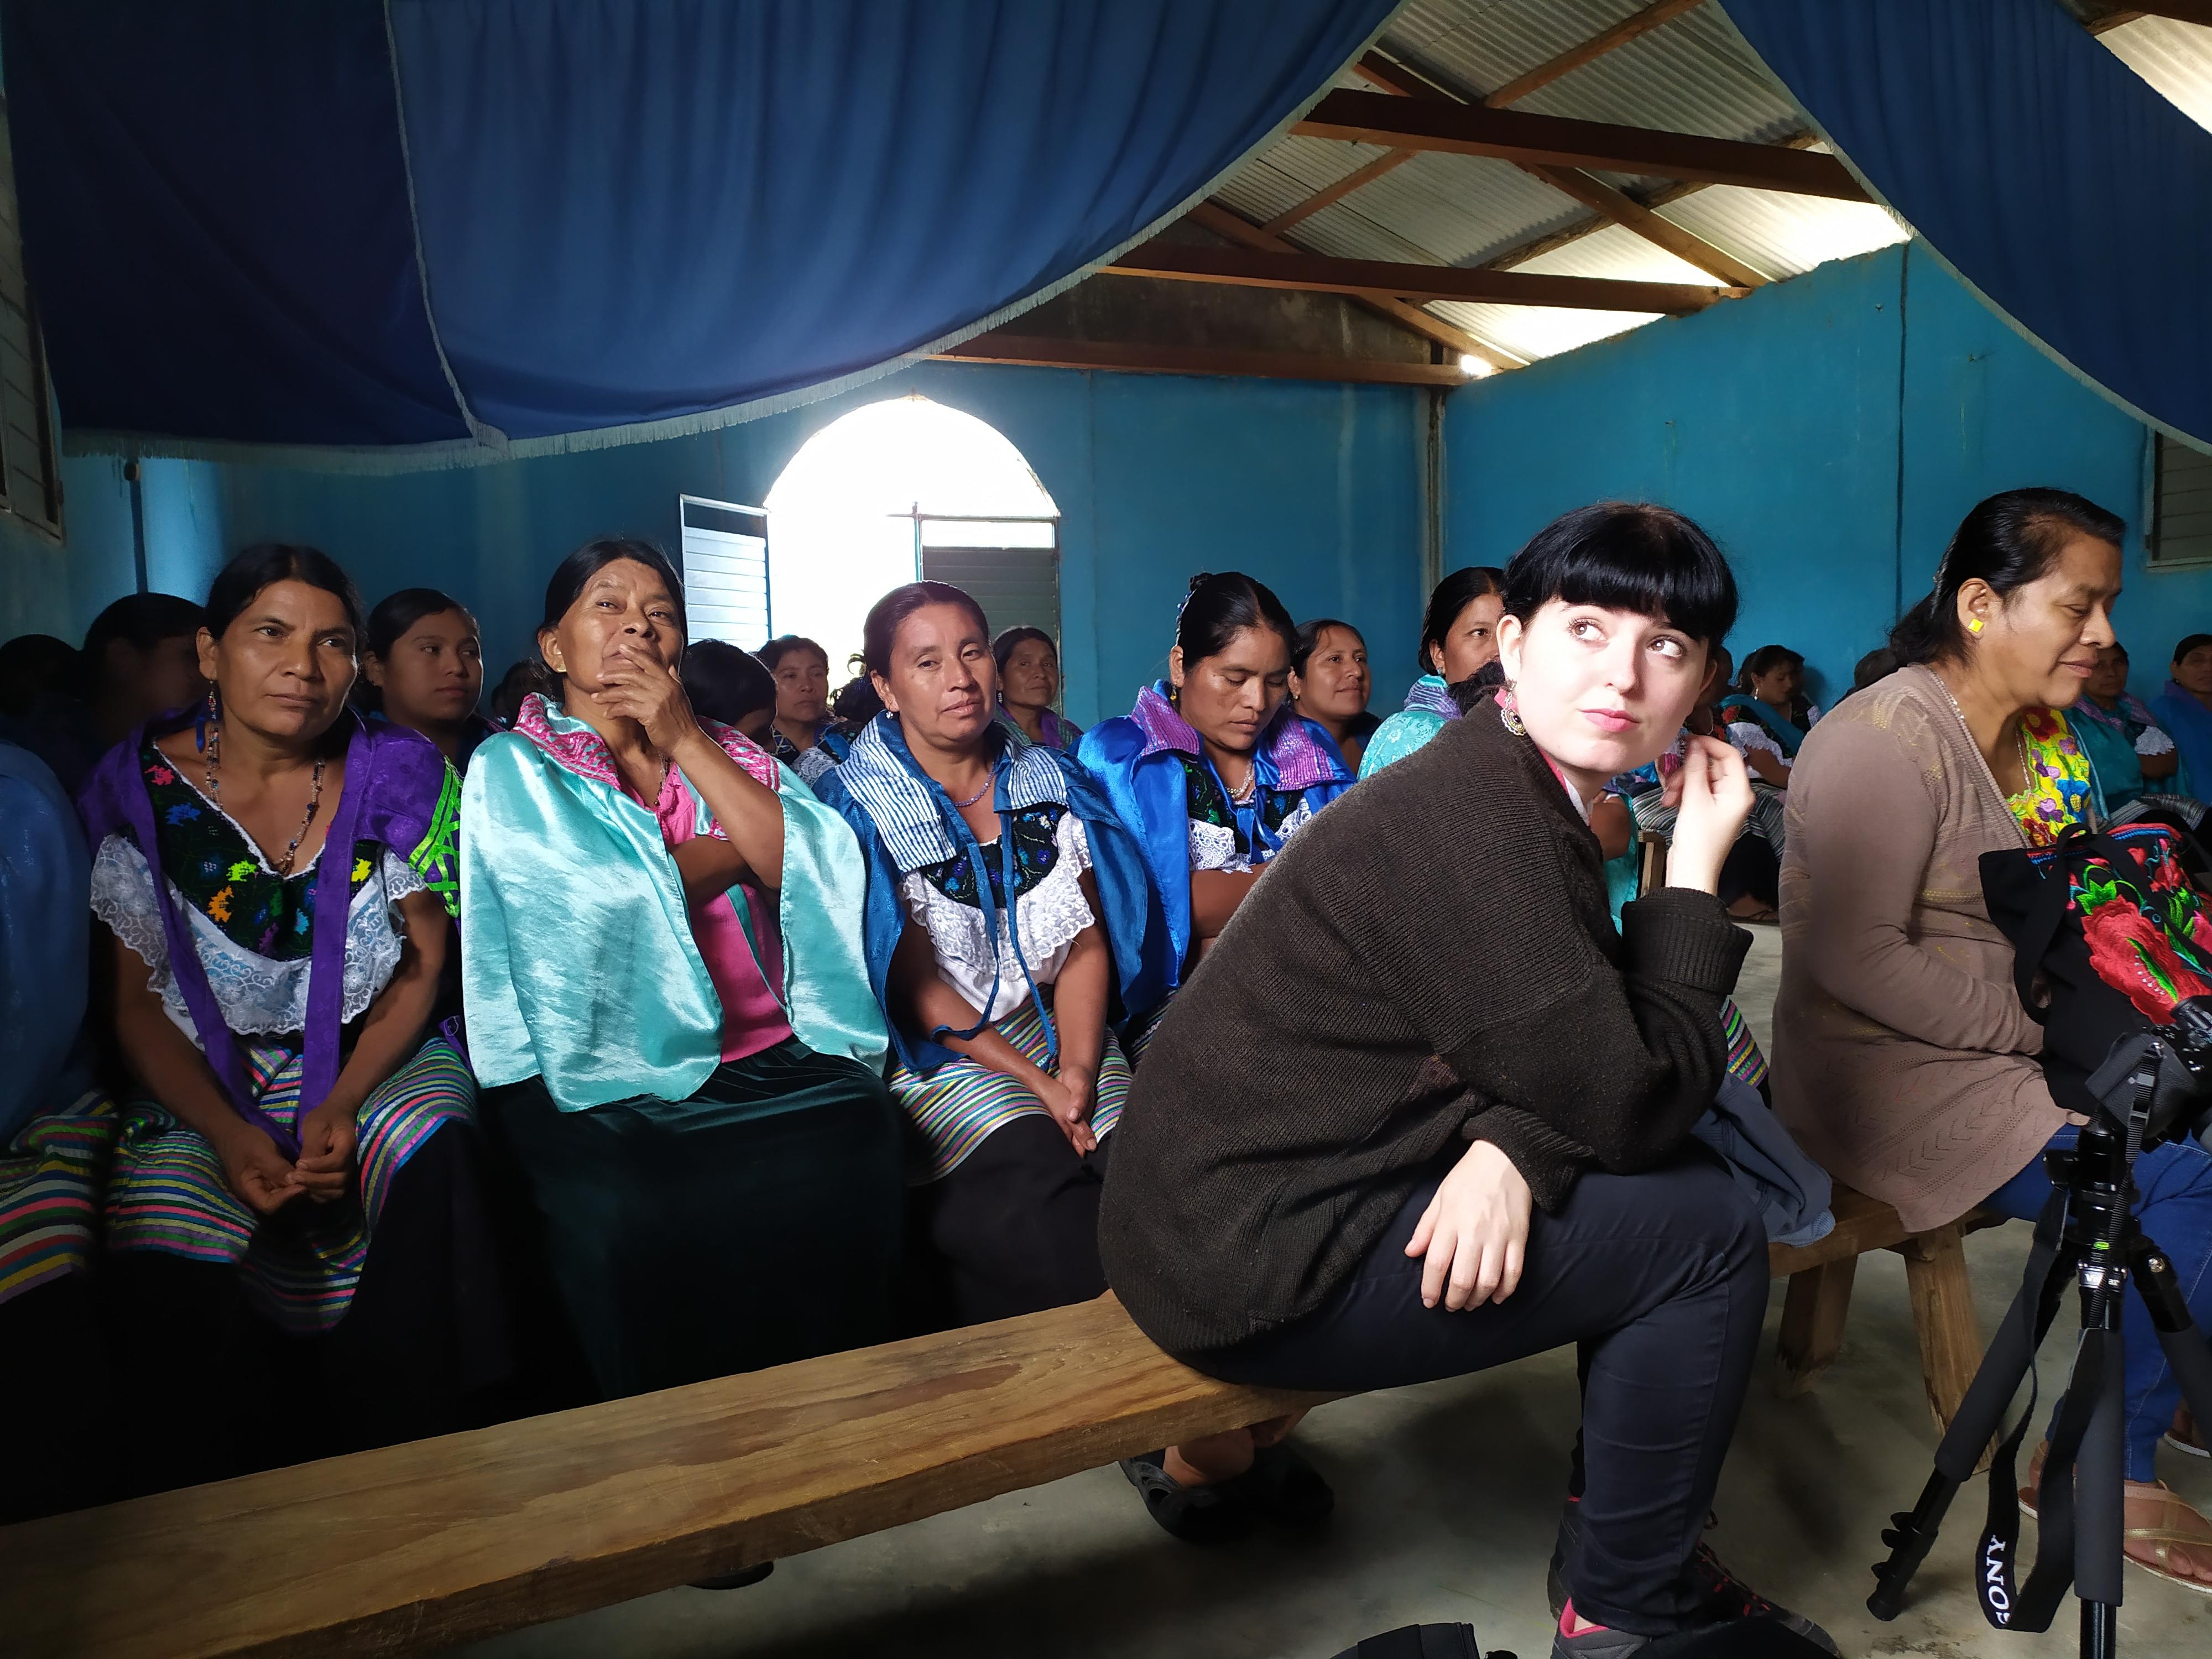 Chilón y Sitalá. Zona norte de Chiapas. Concurso de cortometrajes, Festival de Clipmetrajes